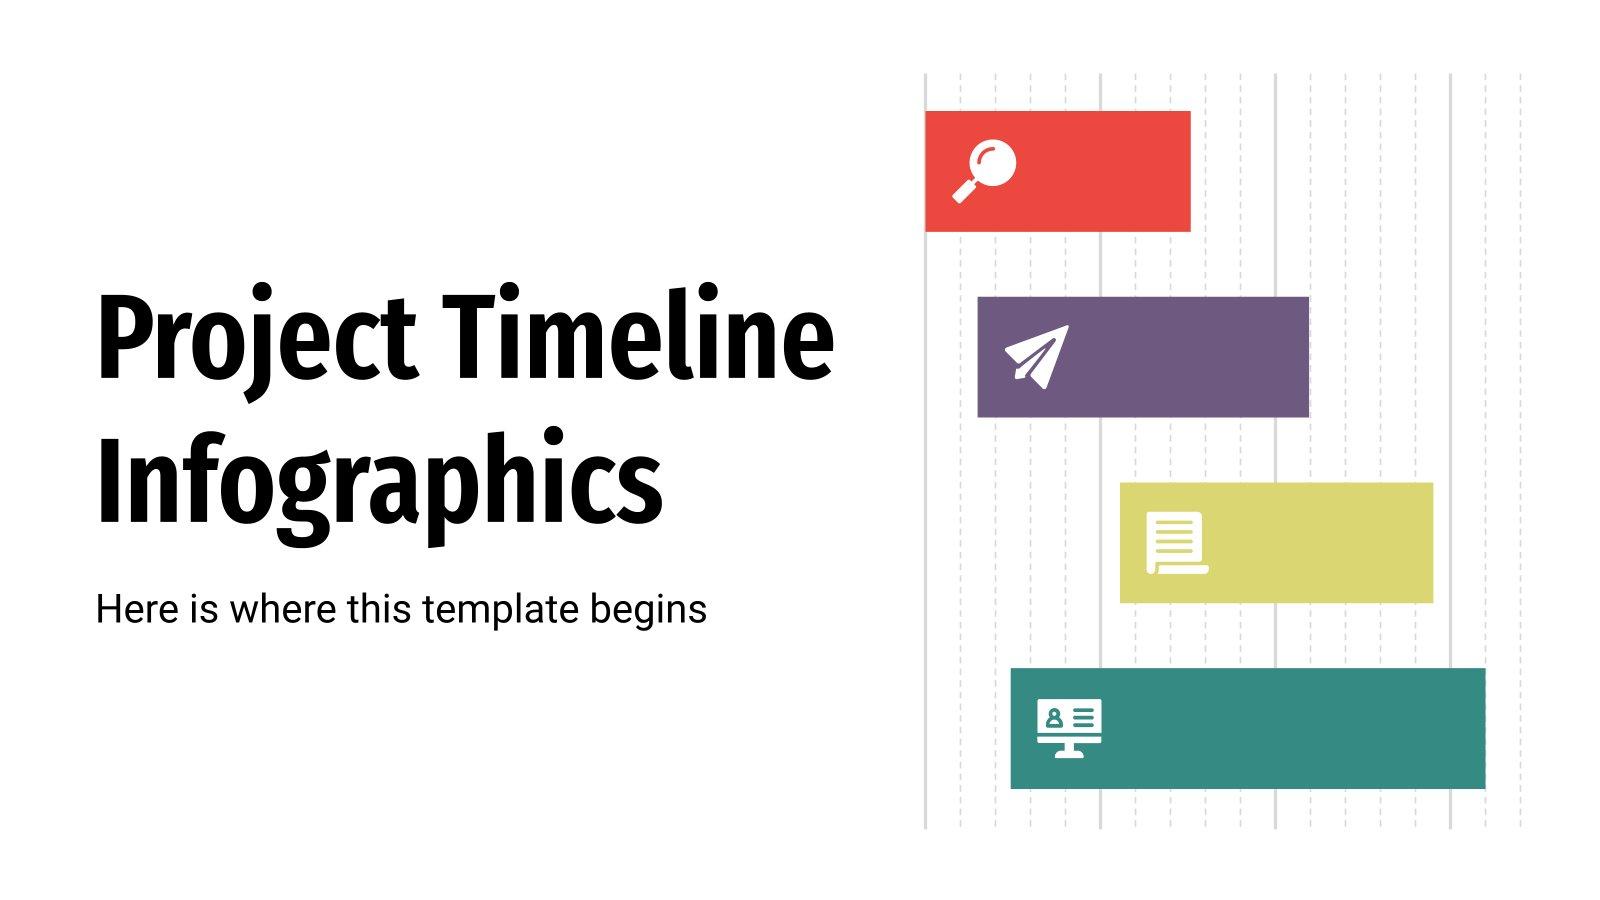 Infografiken zum Projektzeitplan Präsentationsvorlage